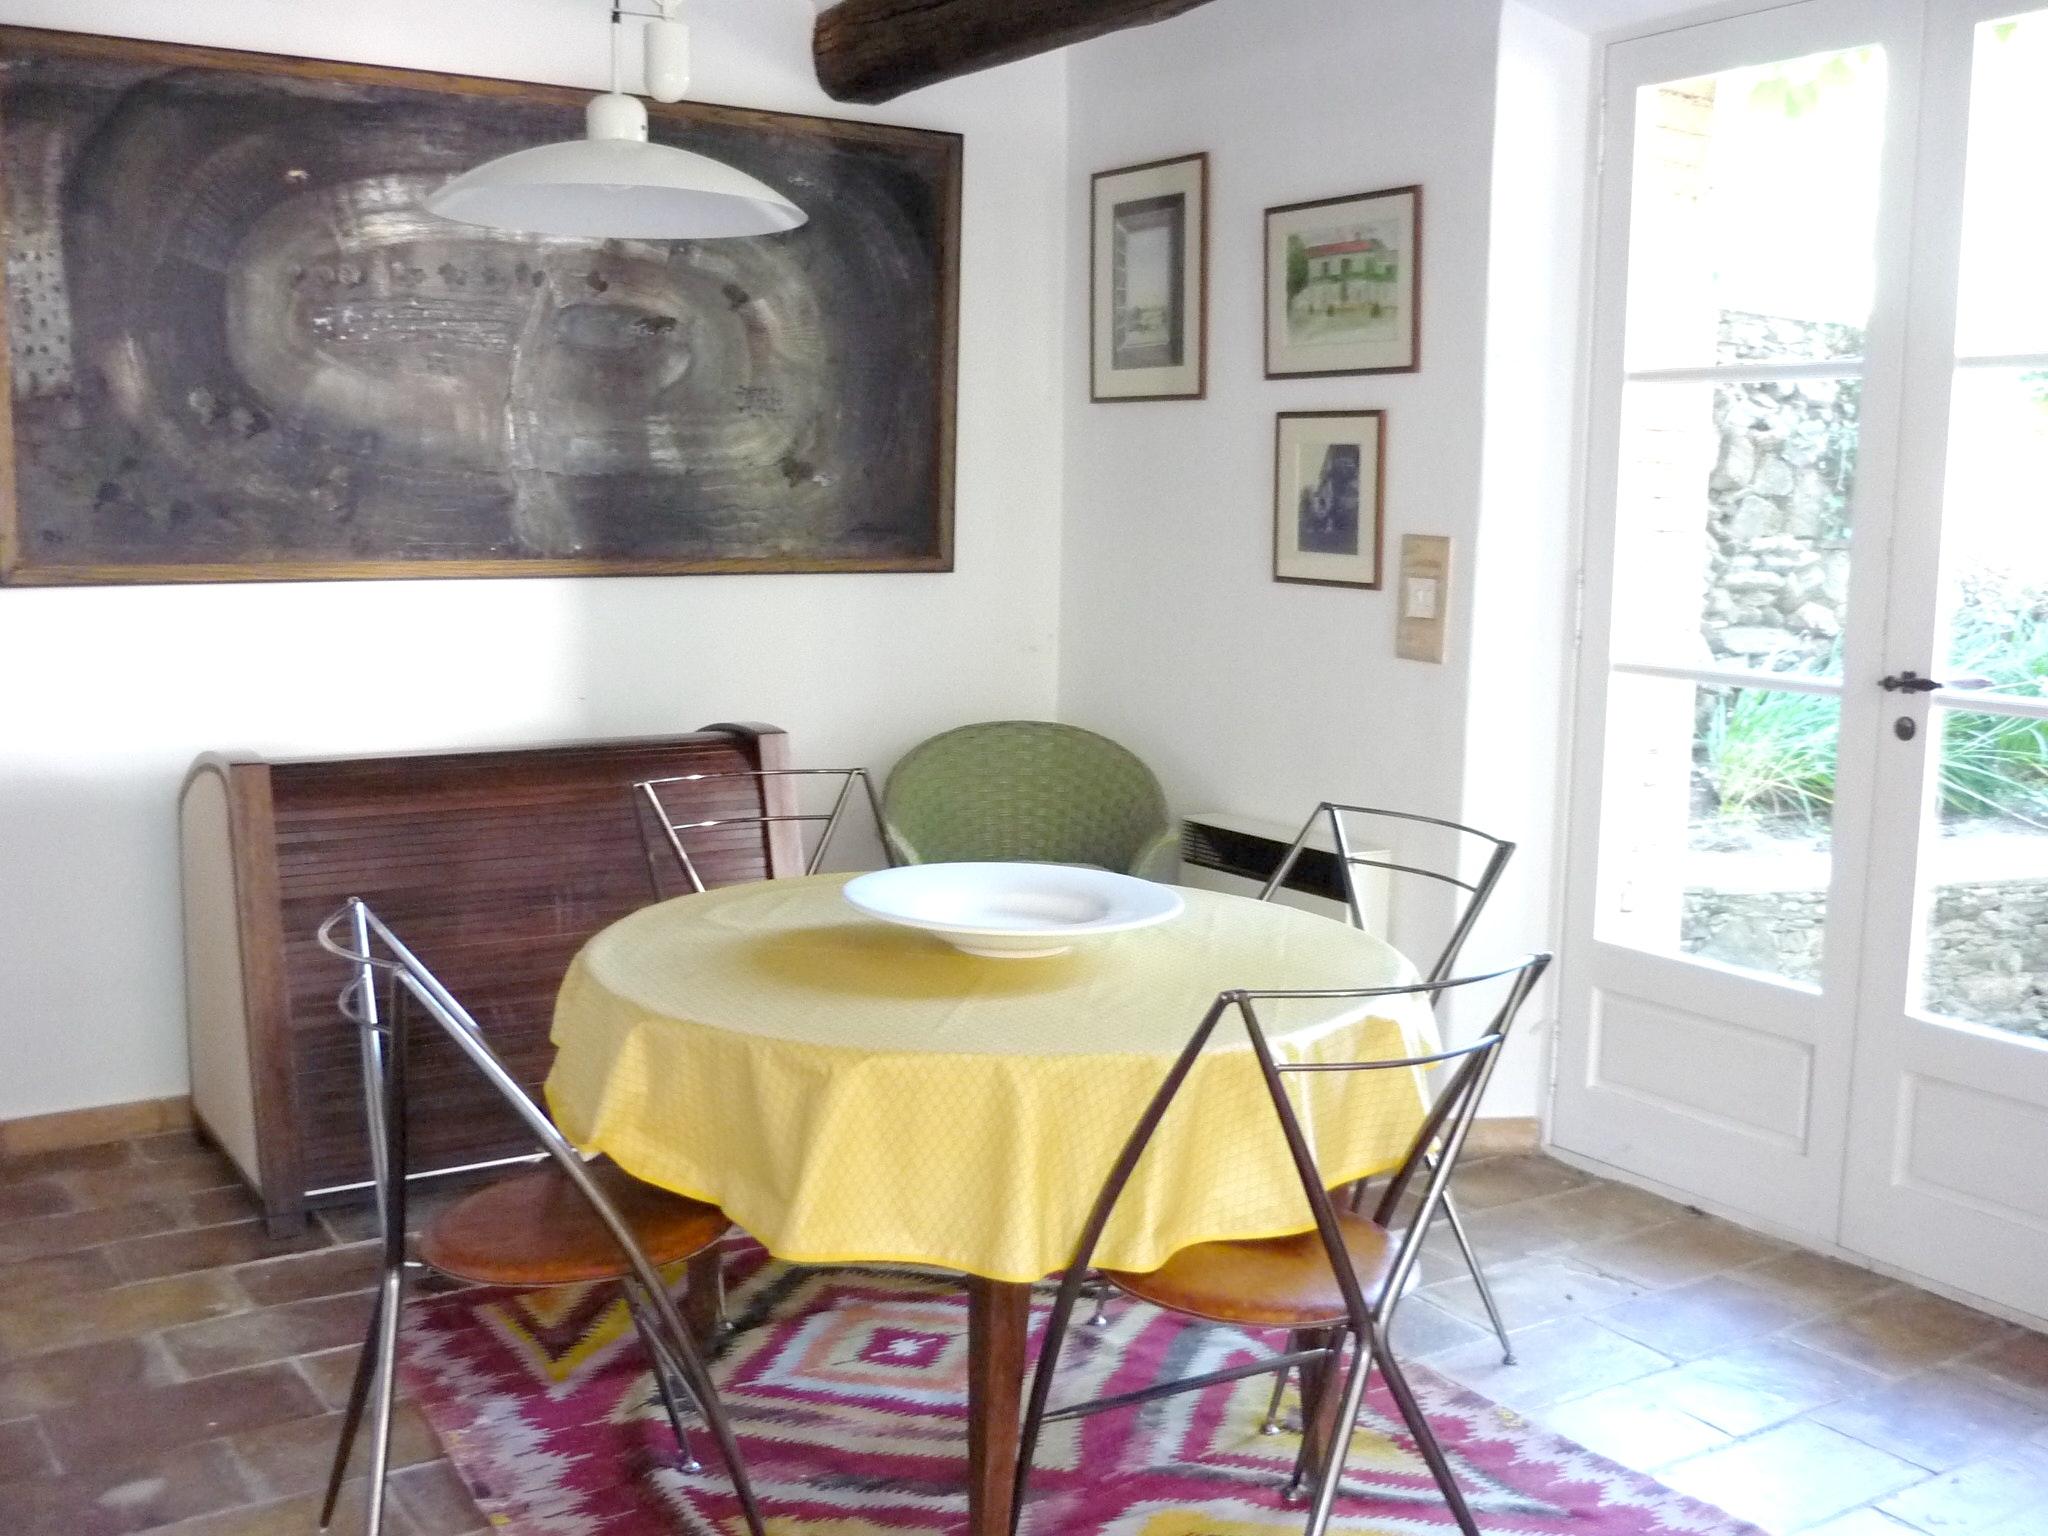 Maison de vacances Villa mit 5 Zimmern in La Garde-Freinet mit privatem Pool, Garten und W-LAN - 20 km vom St (2339879), La Garde Freinet, Côte d'Azur, Provence - Alpes - Côte d'Azur, France, image 14